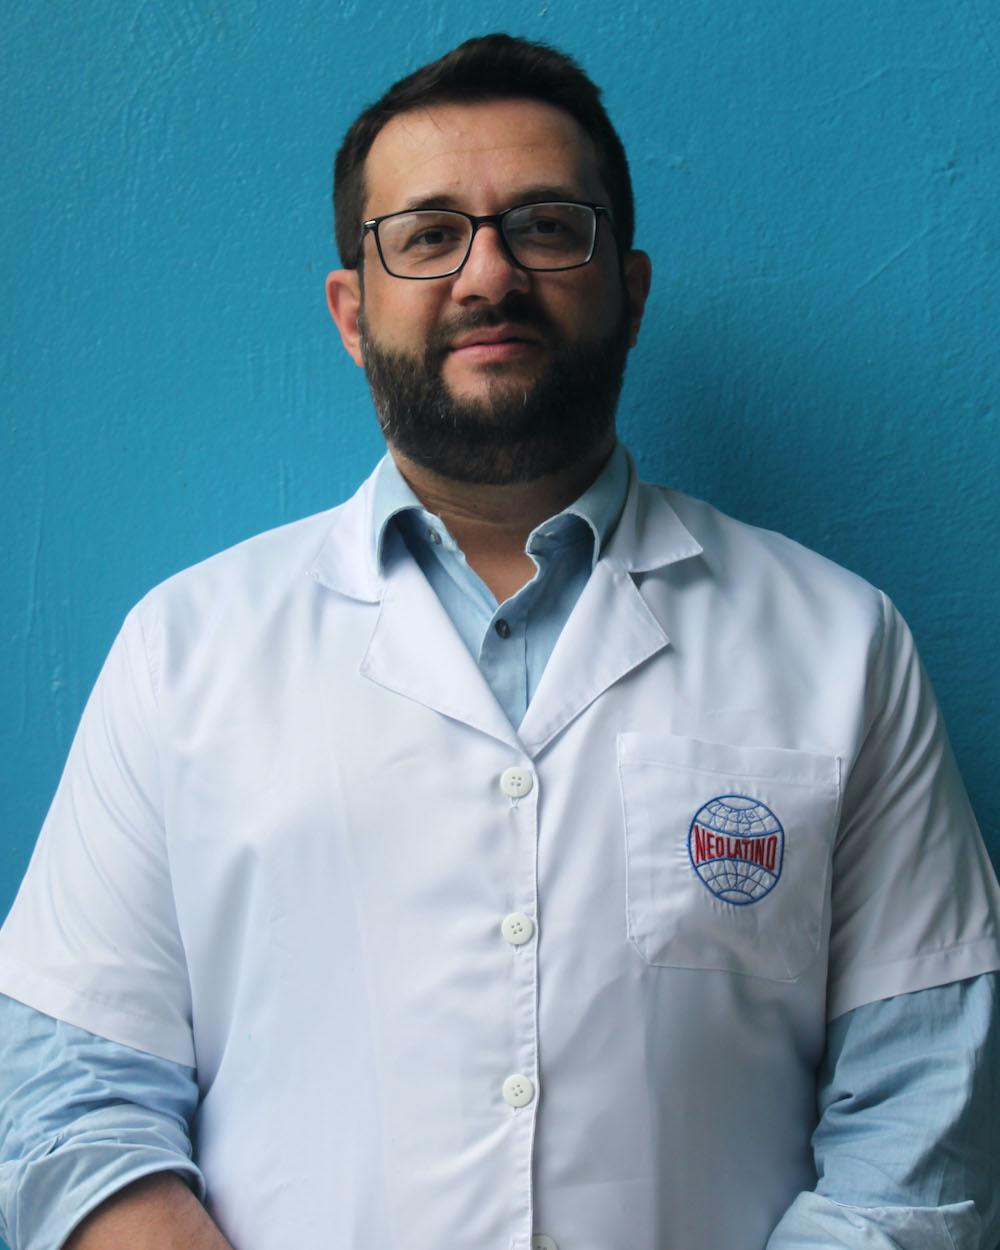 Profa. JOÃO PAULO